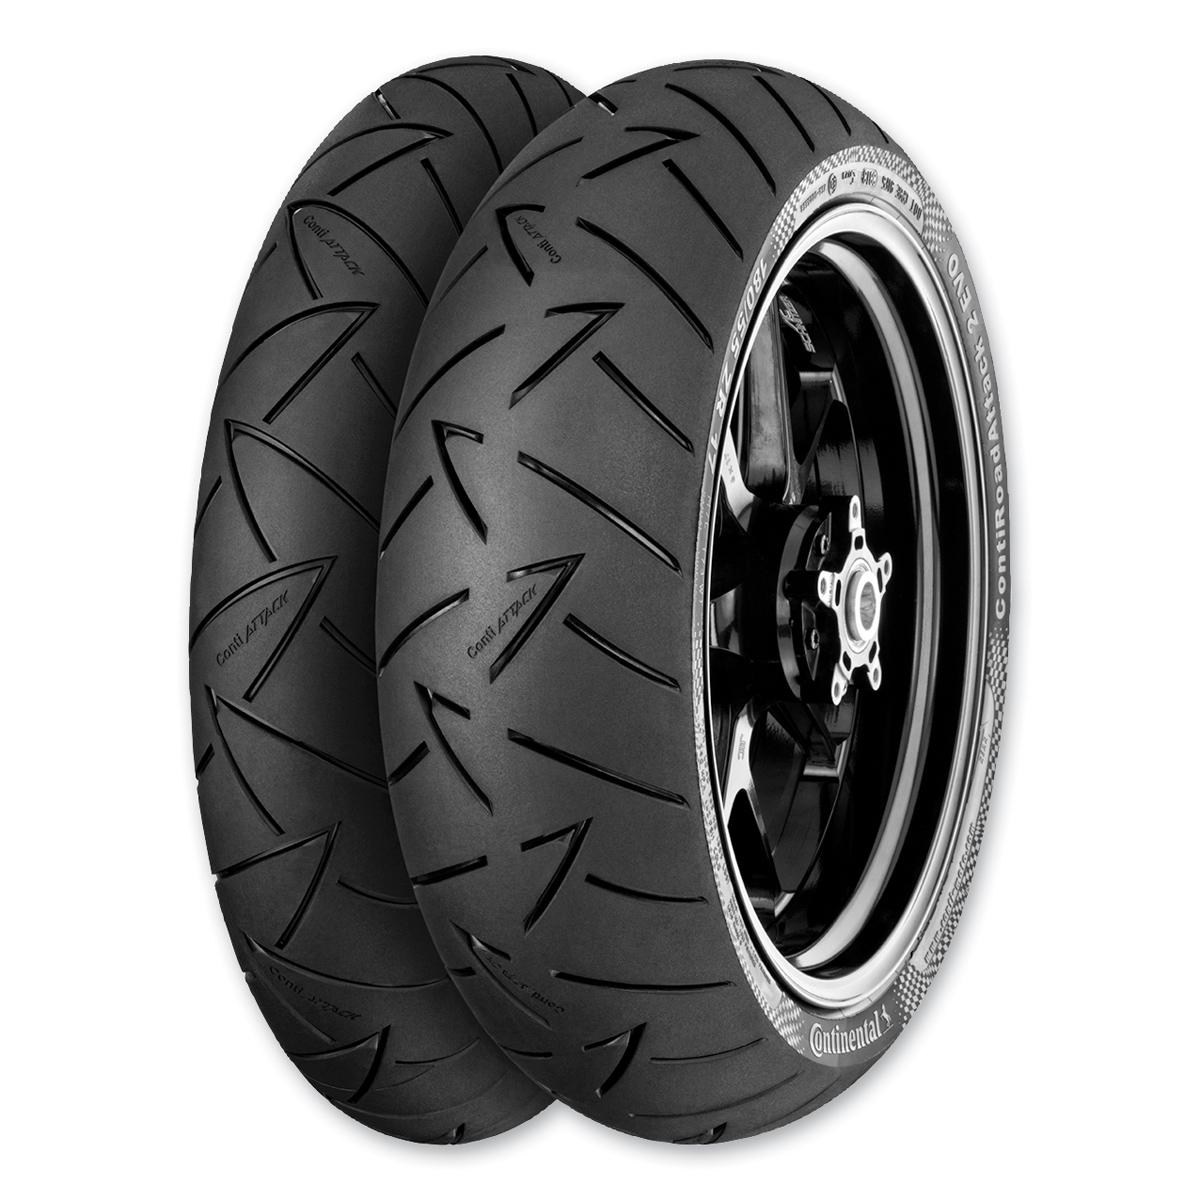 Continental Road Attack EVO 160/60ZR17 Rear Tire